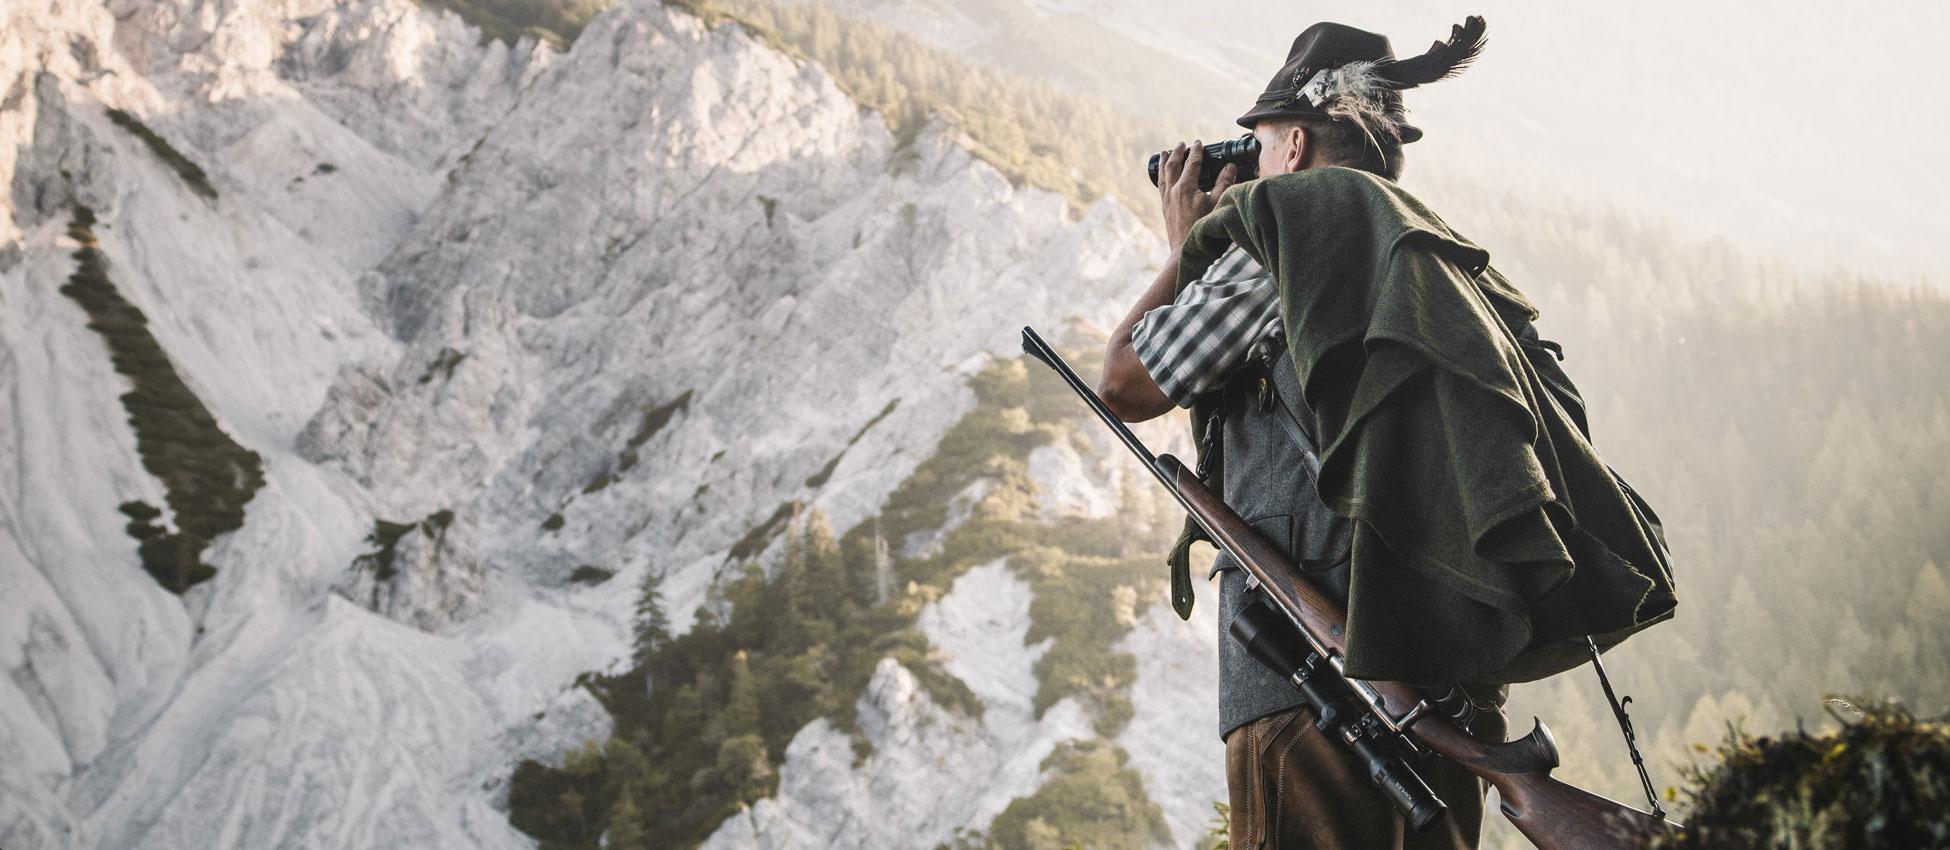 Jagd Österreich, Kompetenzen - Handwerk